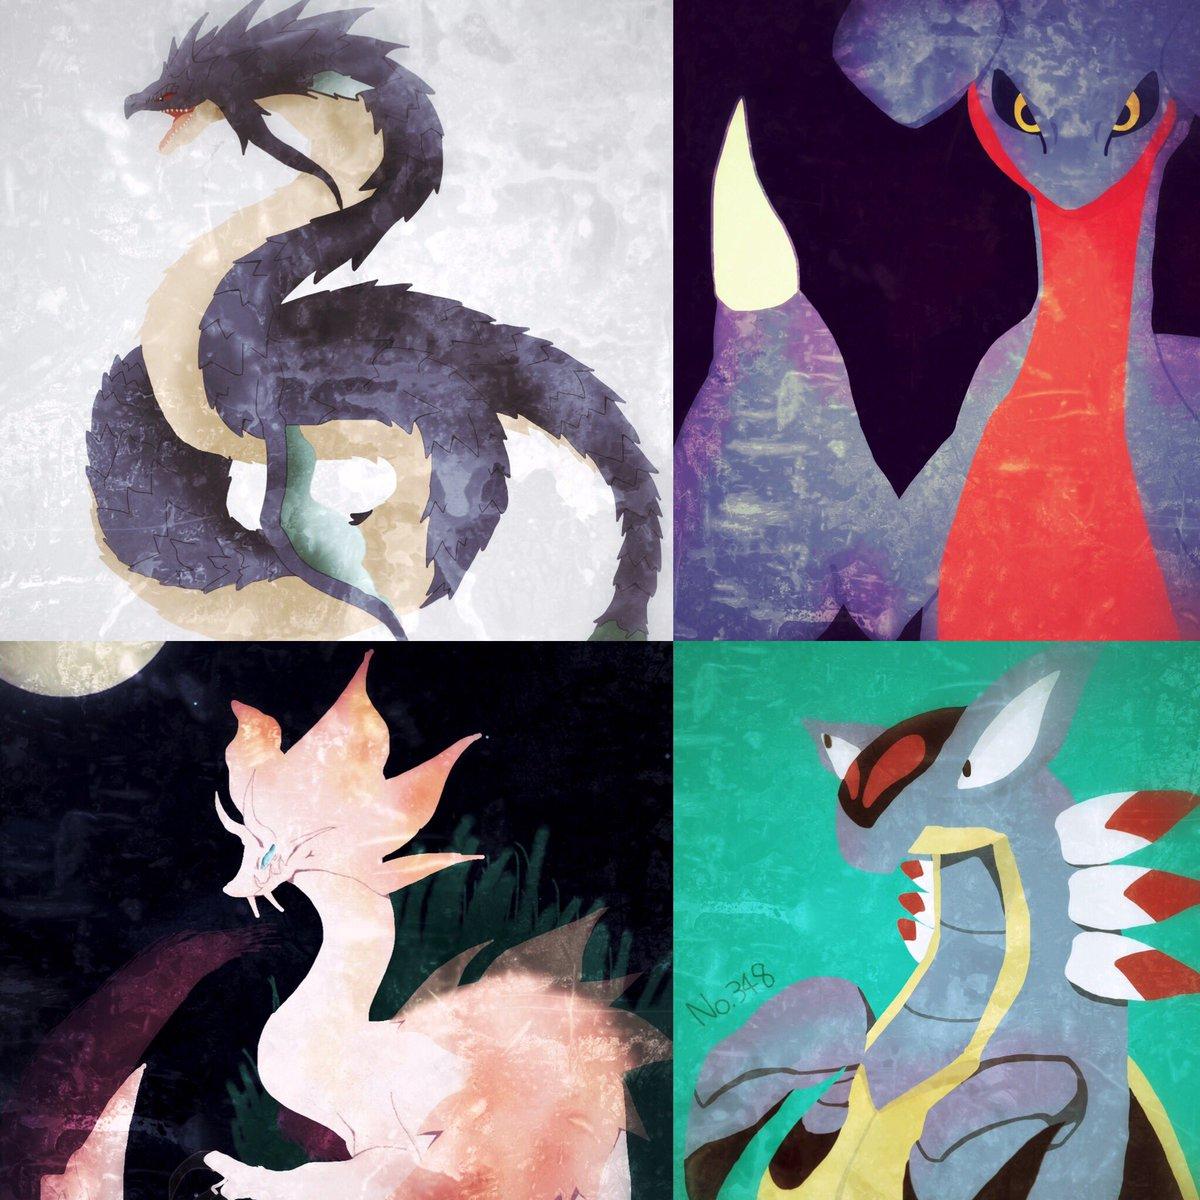 #秋の創作クラスタフォロー祭り #絵描きさんと繋がりたい ドラゴンやオリジナル、ポケモン、モンハンを中心にがりがり描いて